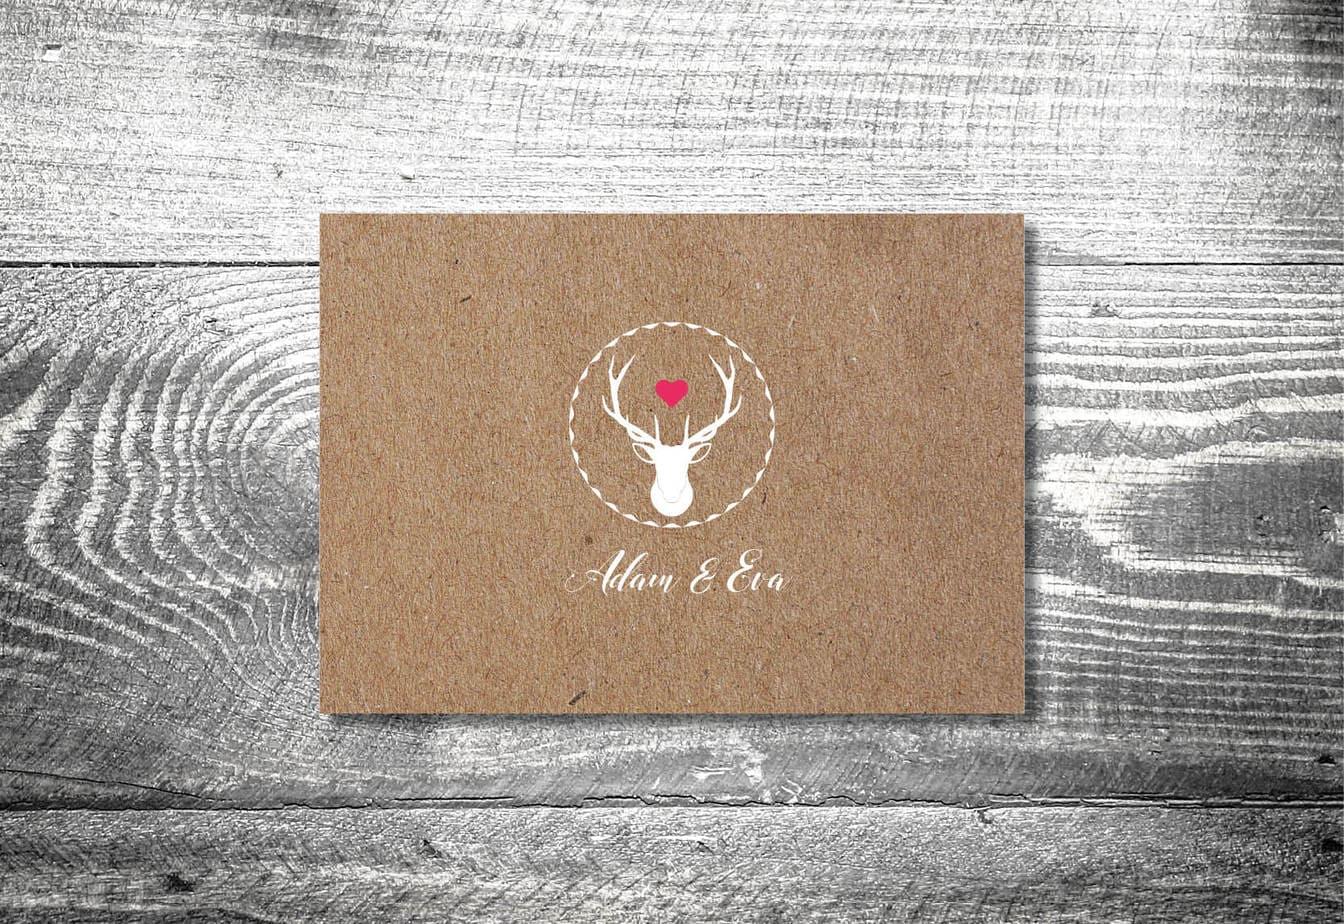 kartlerei karten drucken hochzeitseinladung heiraten bayrisch heimatgefuehl herzhirsch einladung - Hochzeitskarten Set